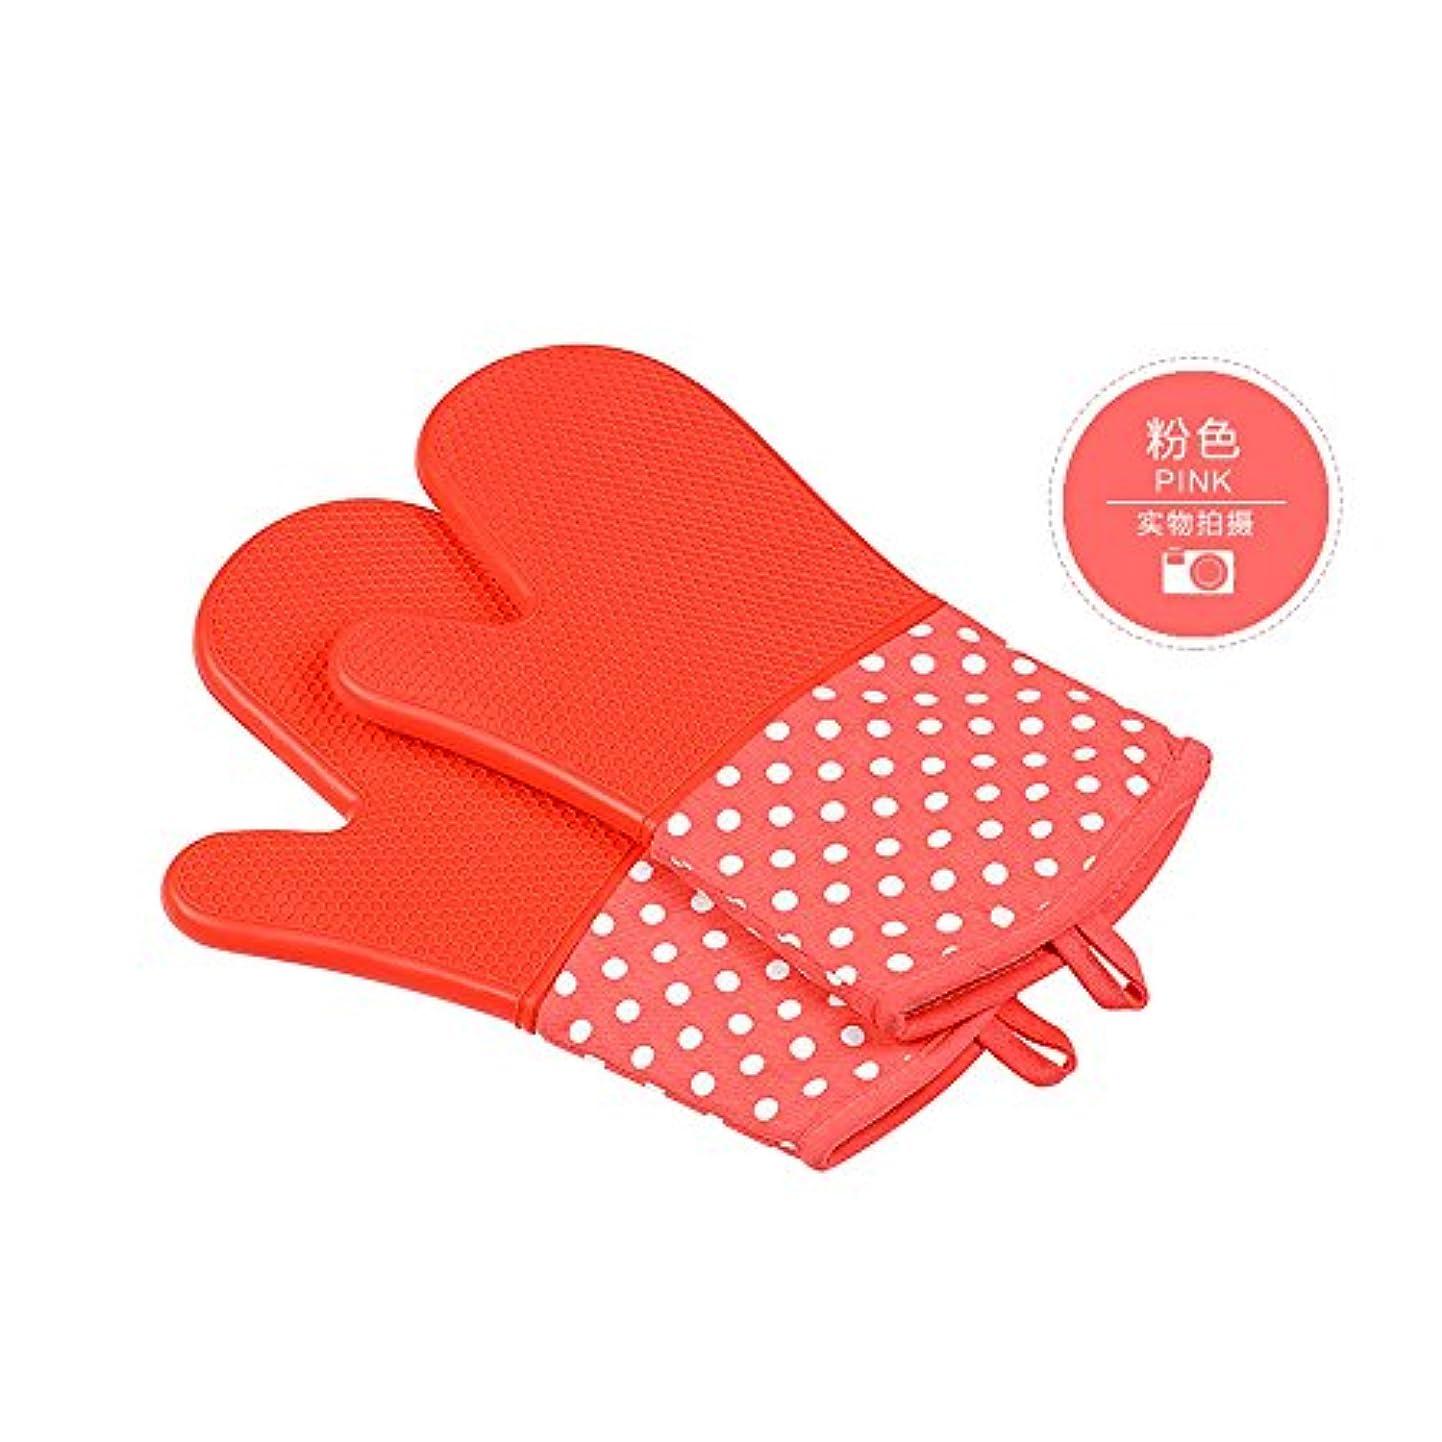 素晴らしい衝動分離するJOOP【2個セット】【シリコンベーキング手袋】【バーベキュー手袋】【キッチン電子レンジの手袋】【オーブン断熱手袋】【300の加熱温度極値】【7色】 (ピンク)